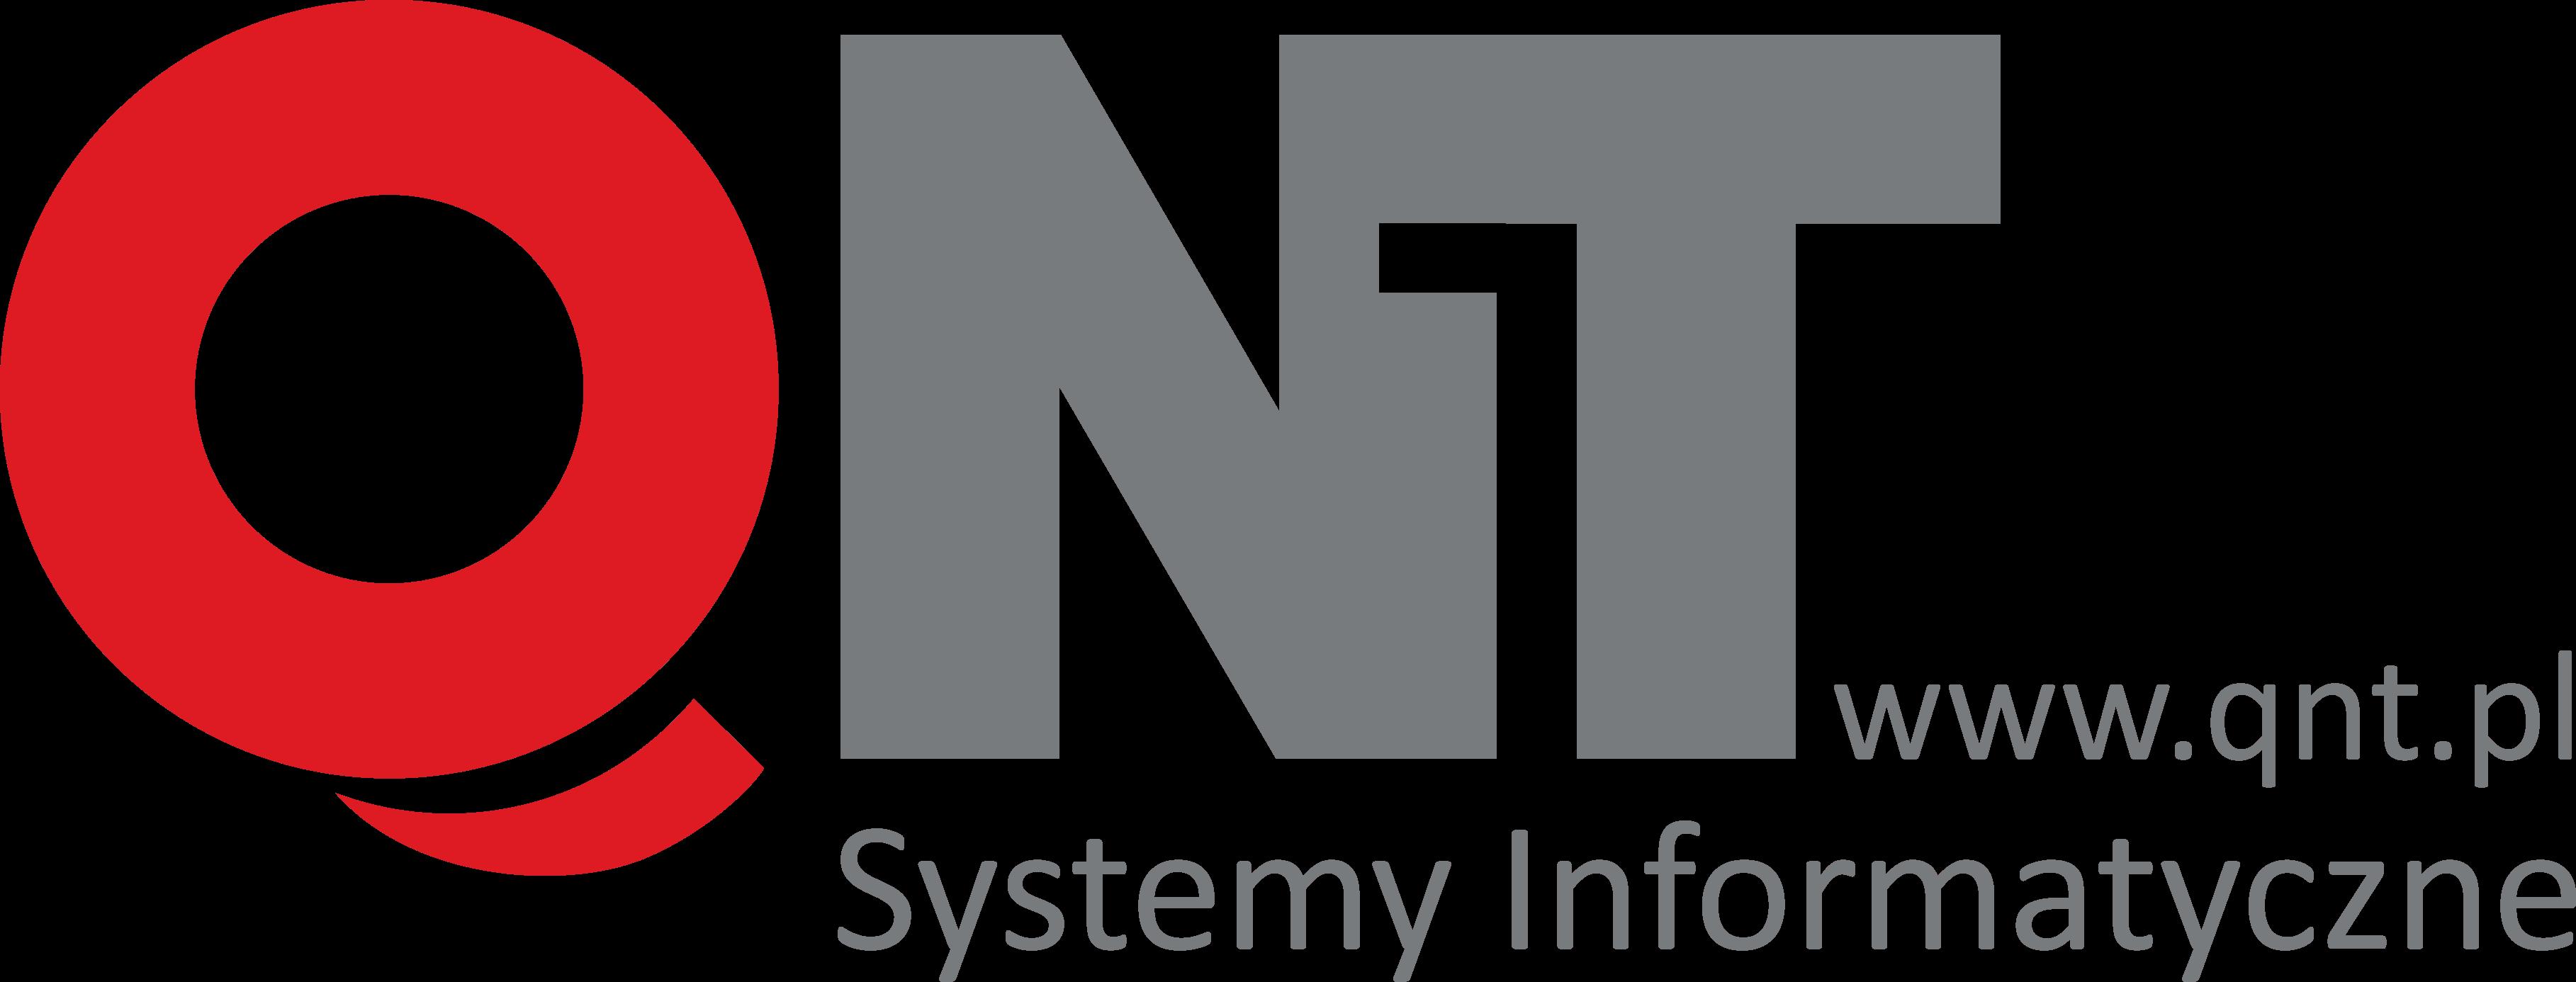 Qnt - systemy informatyczne - organizacja imprez